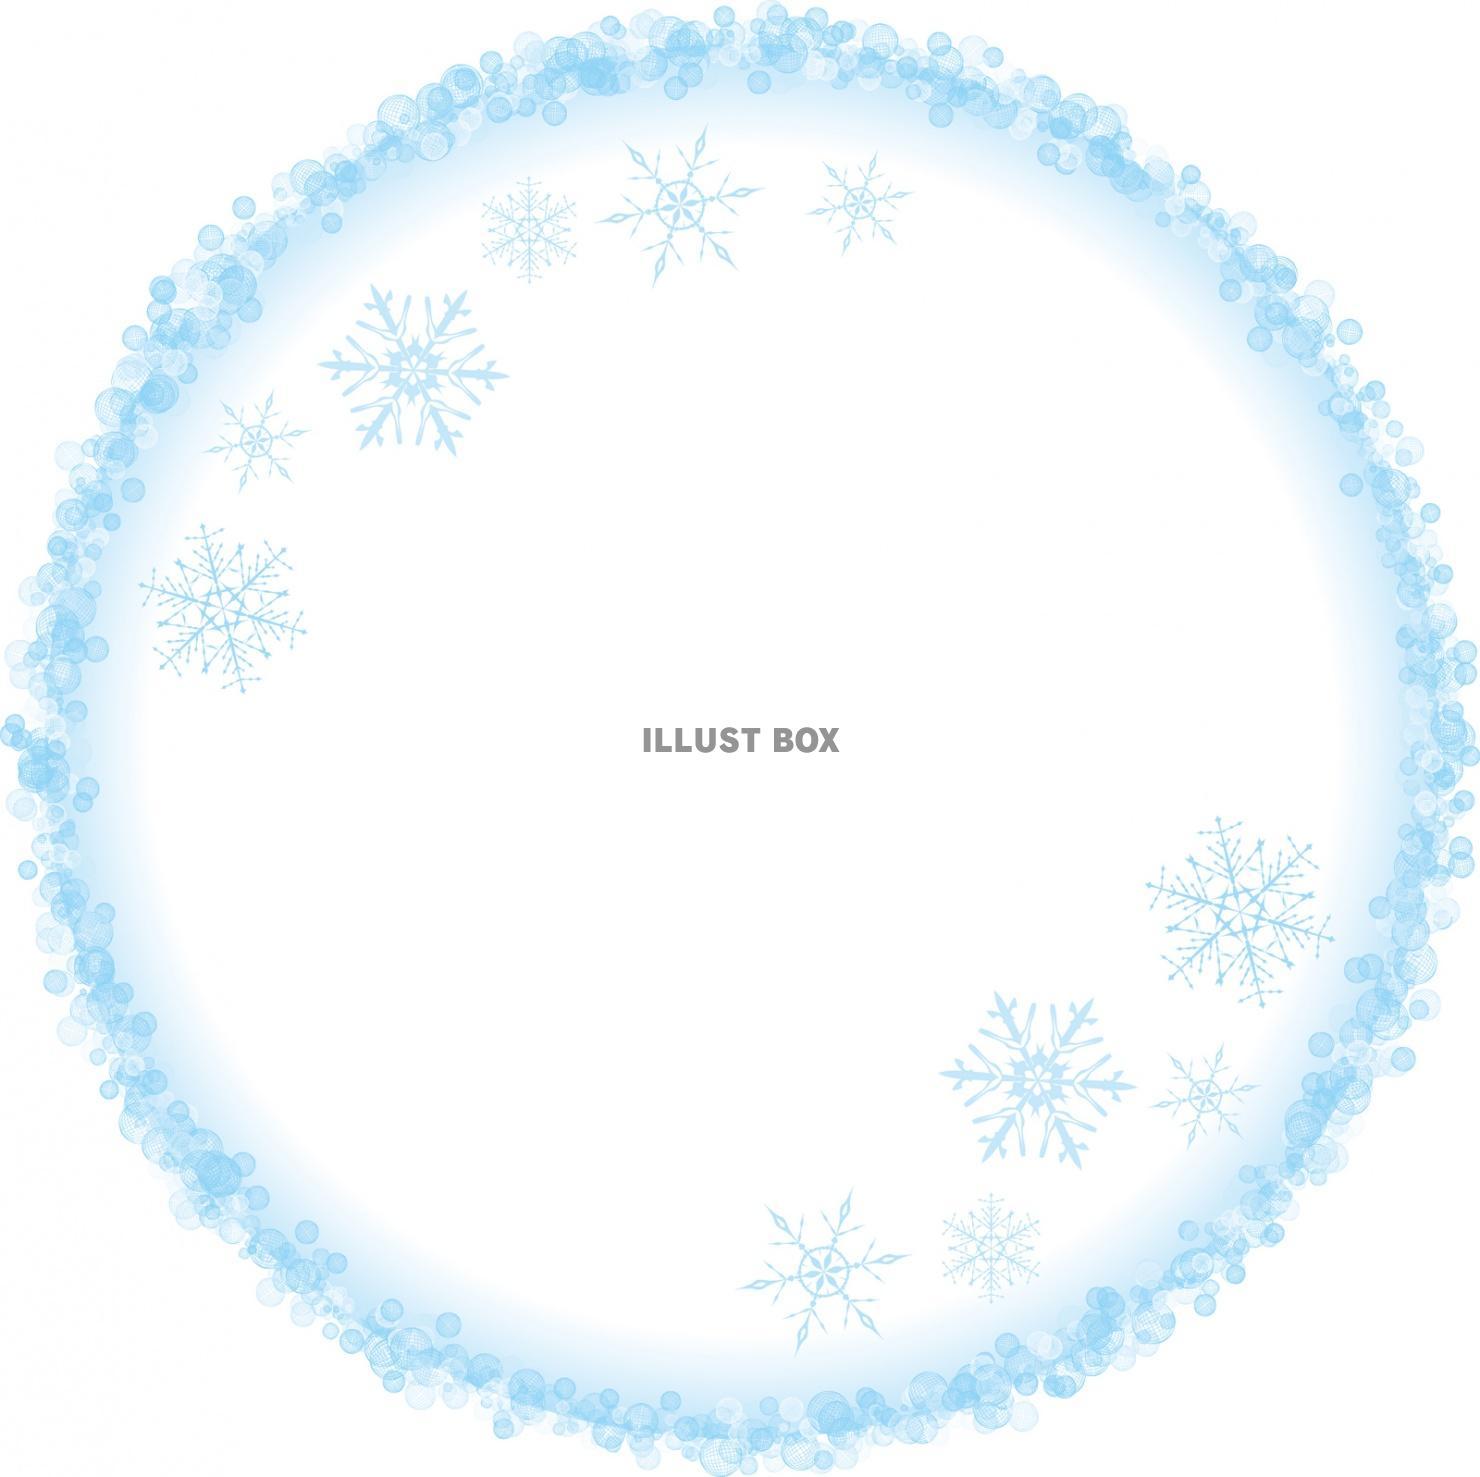 無料イラスト 雪の結晶シンプル丸型飾り枠冬イメージ円形 11月12月1月2